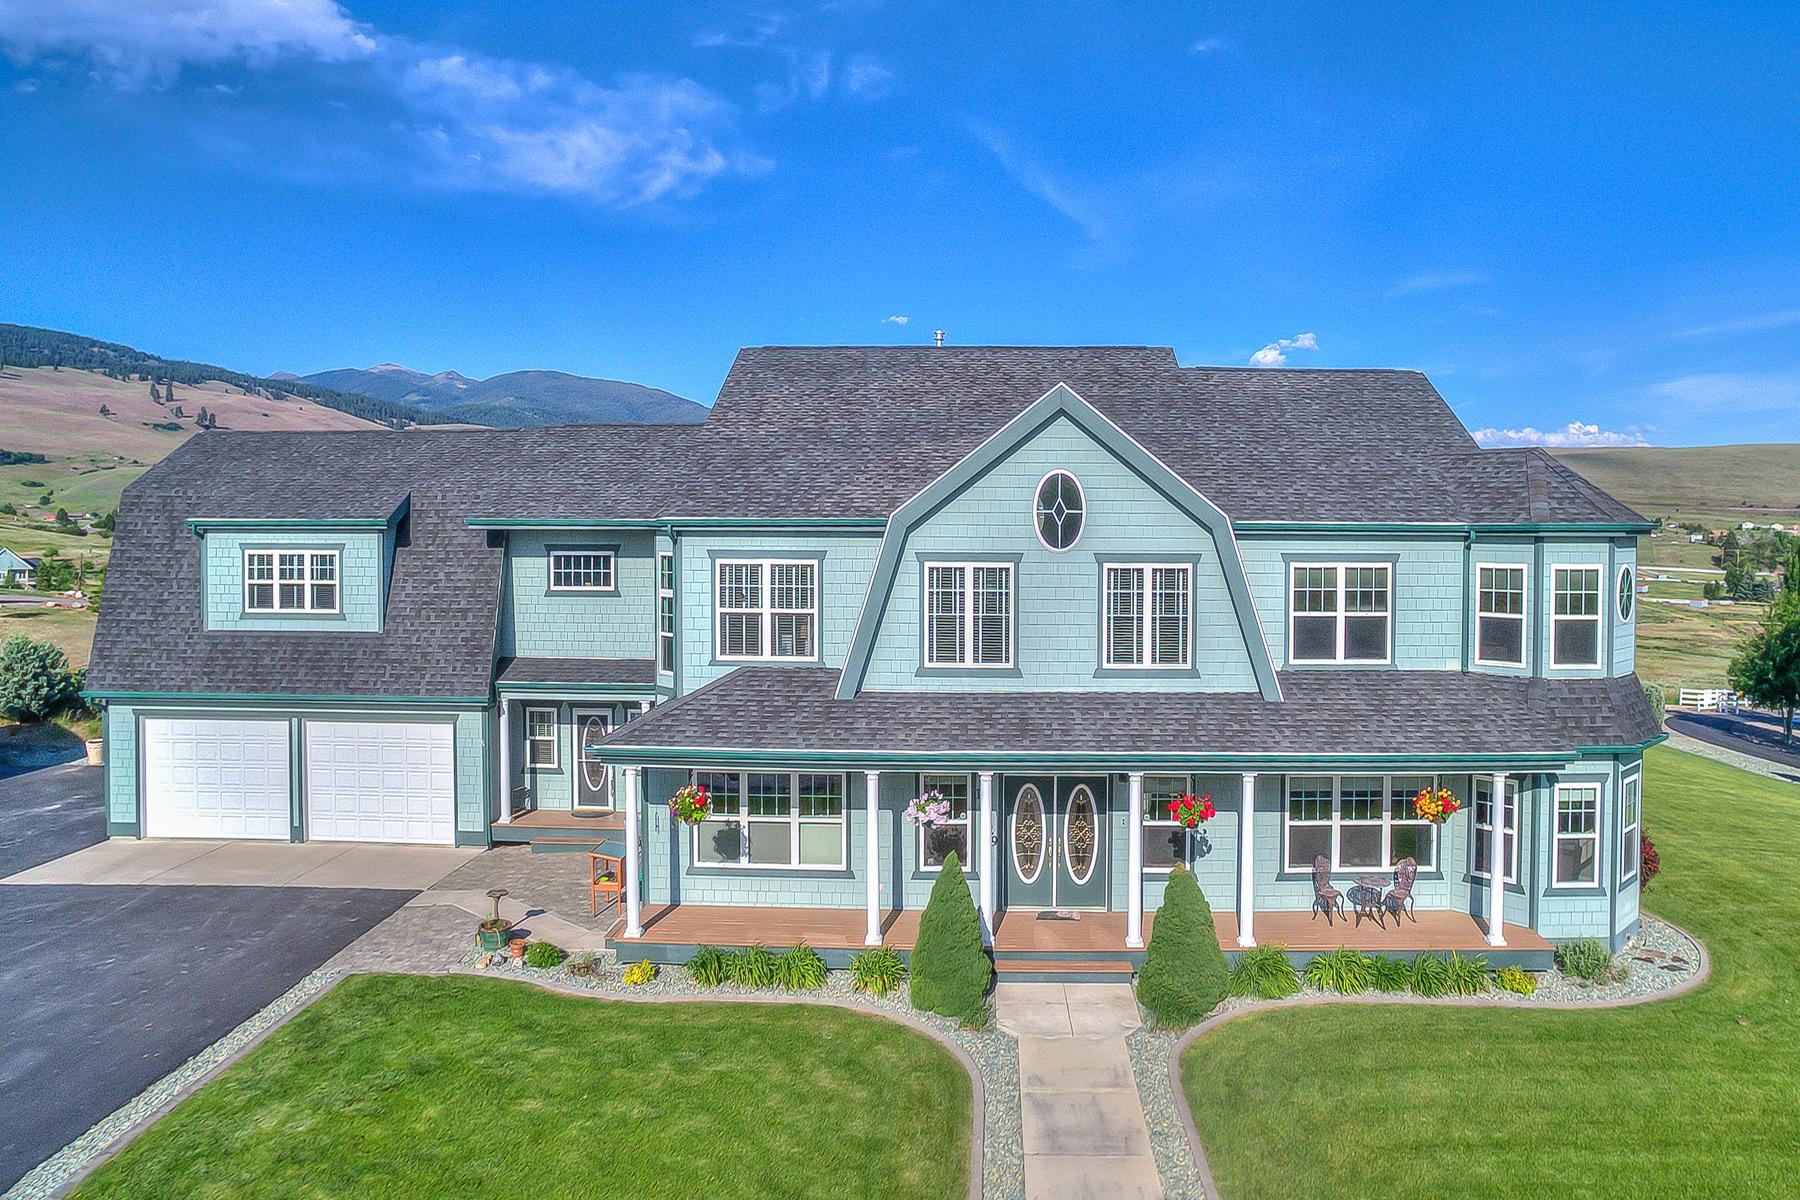 Maison unifamiliale pour l Vente à 11329 Tookie Trek Missoula, Montana 59808 États-Unis